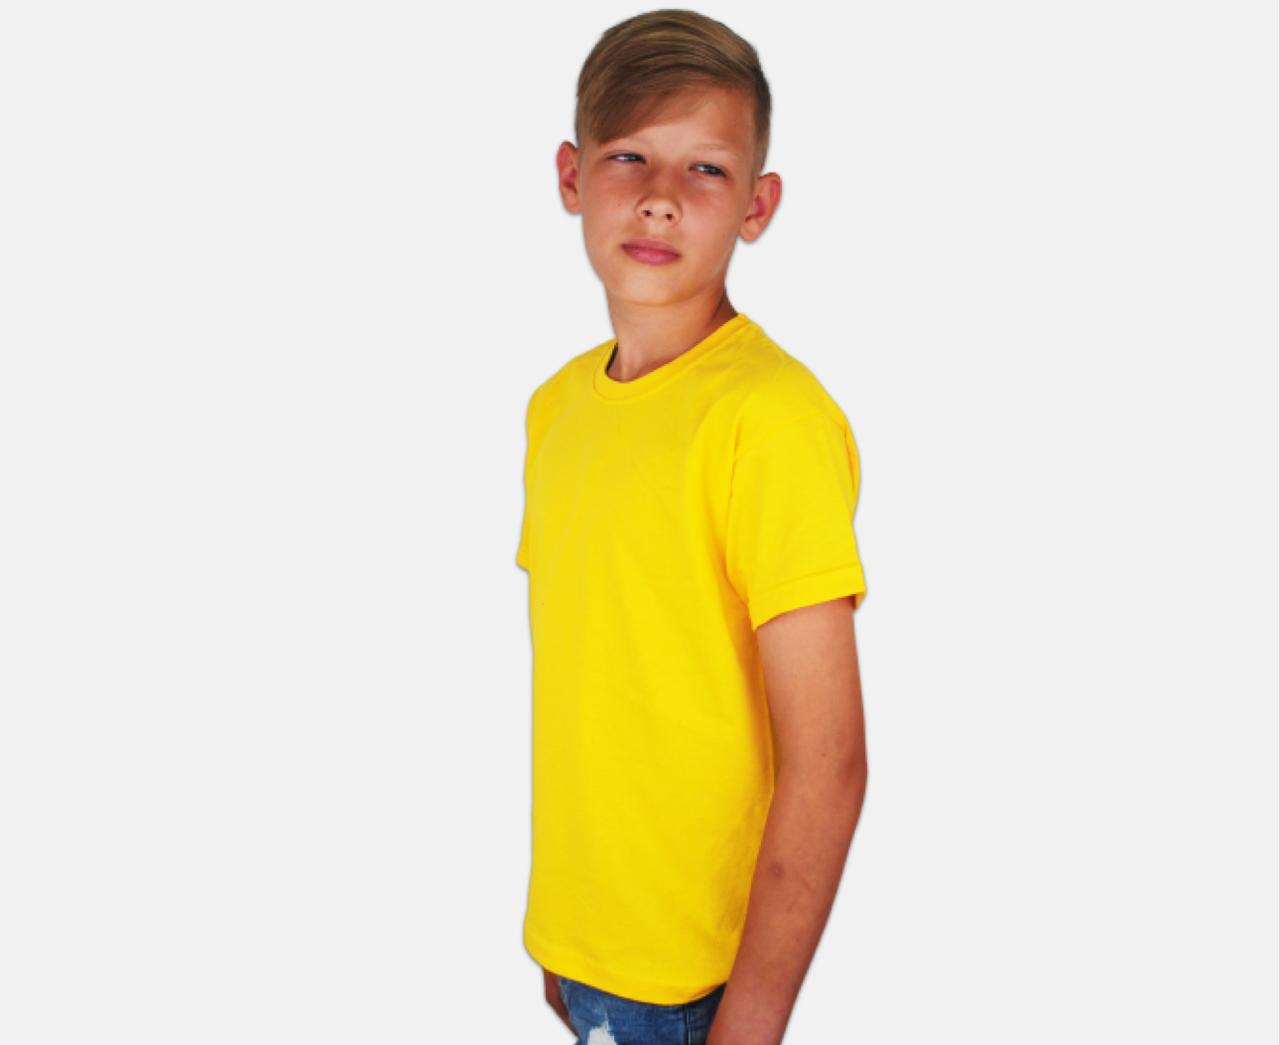 Детская Классическая Футболка для Мальчиков Солнечно-жёлтая Fruit of the loom 61-033-34 9-11